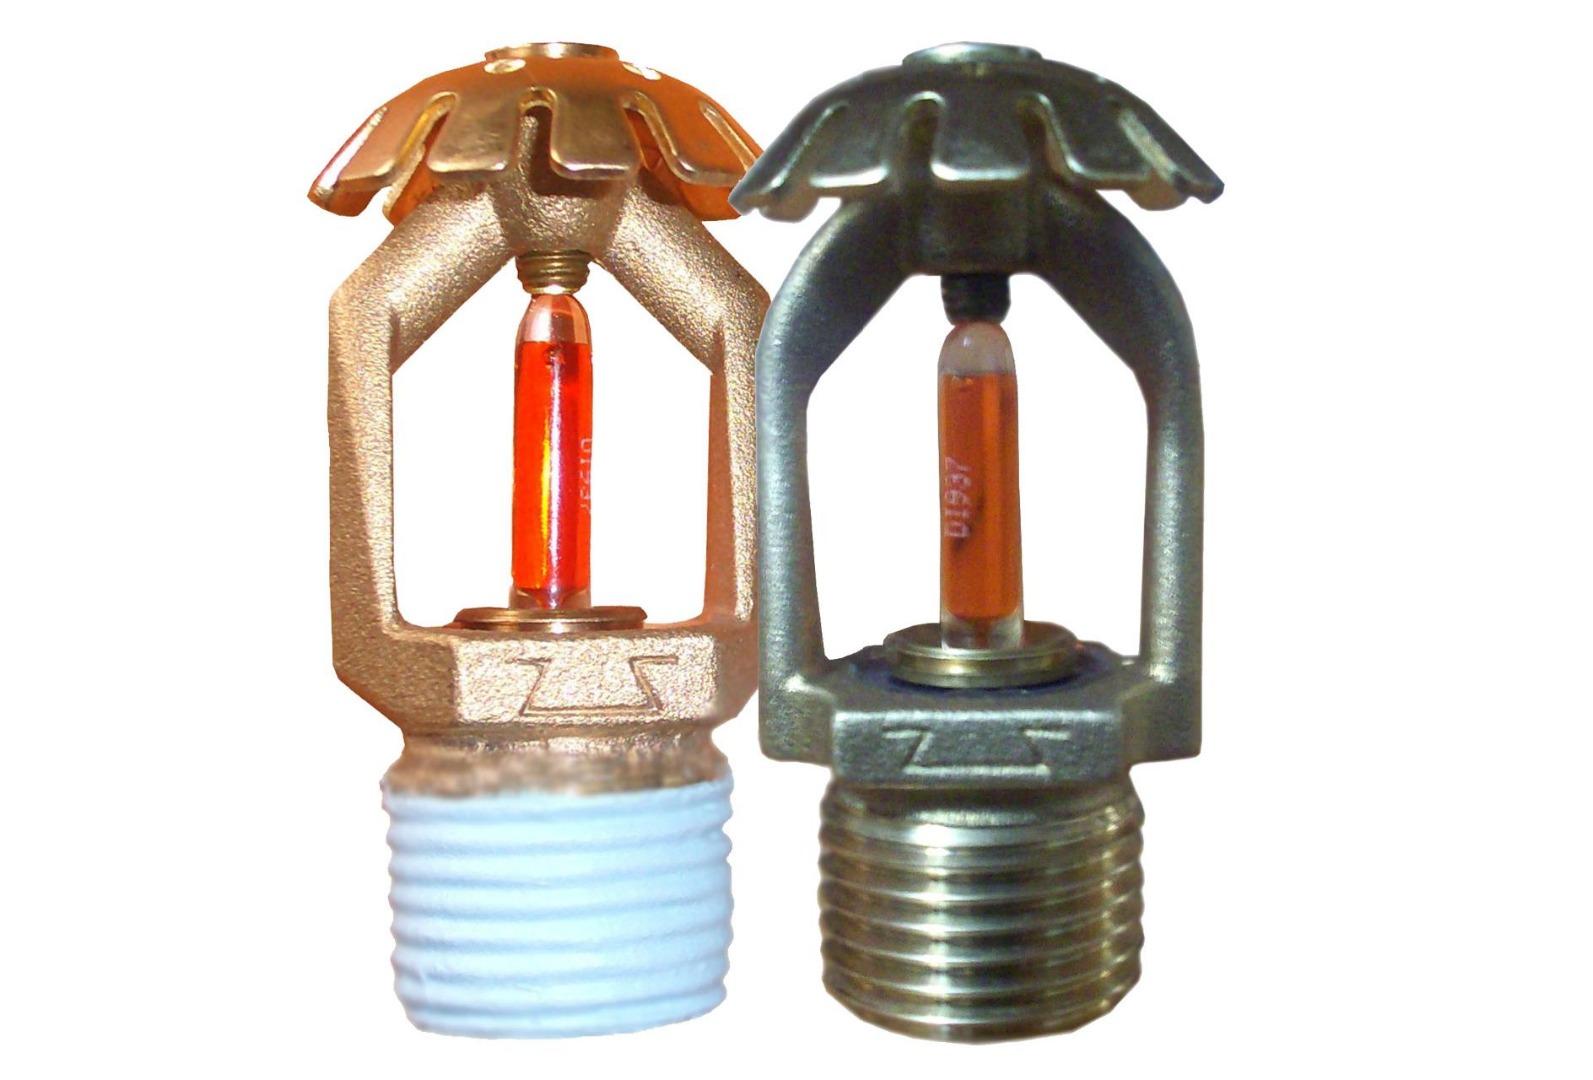 СВВ-К115 CBO0-PВо(д)0,60-R1/2/P57.B3 Ороситель спринклерный